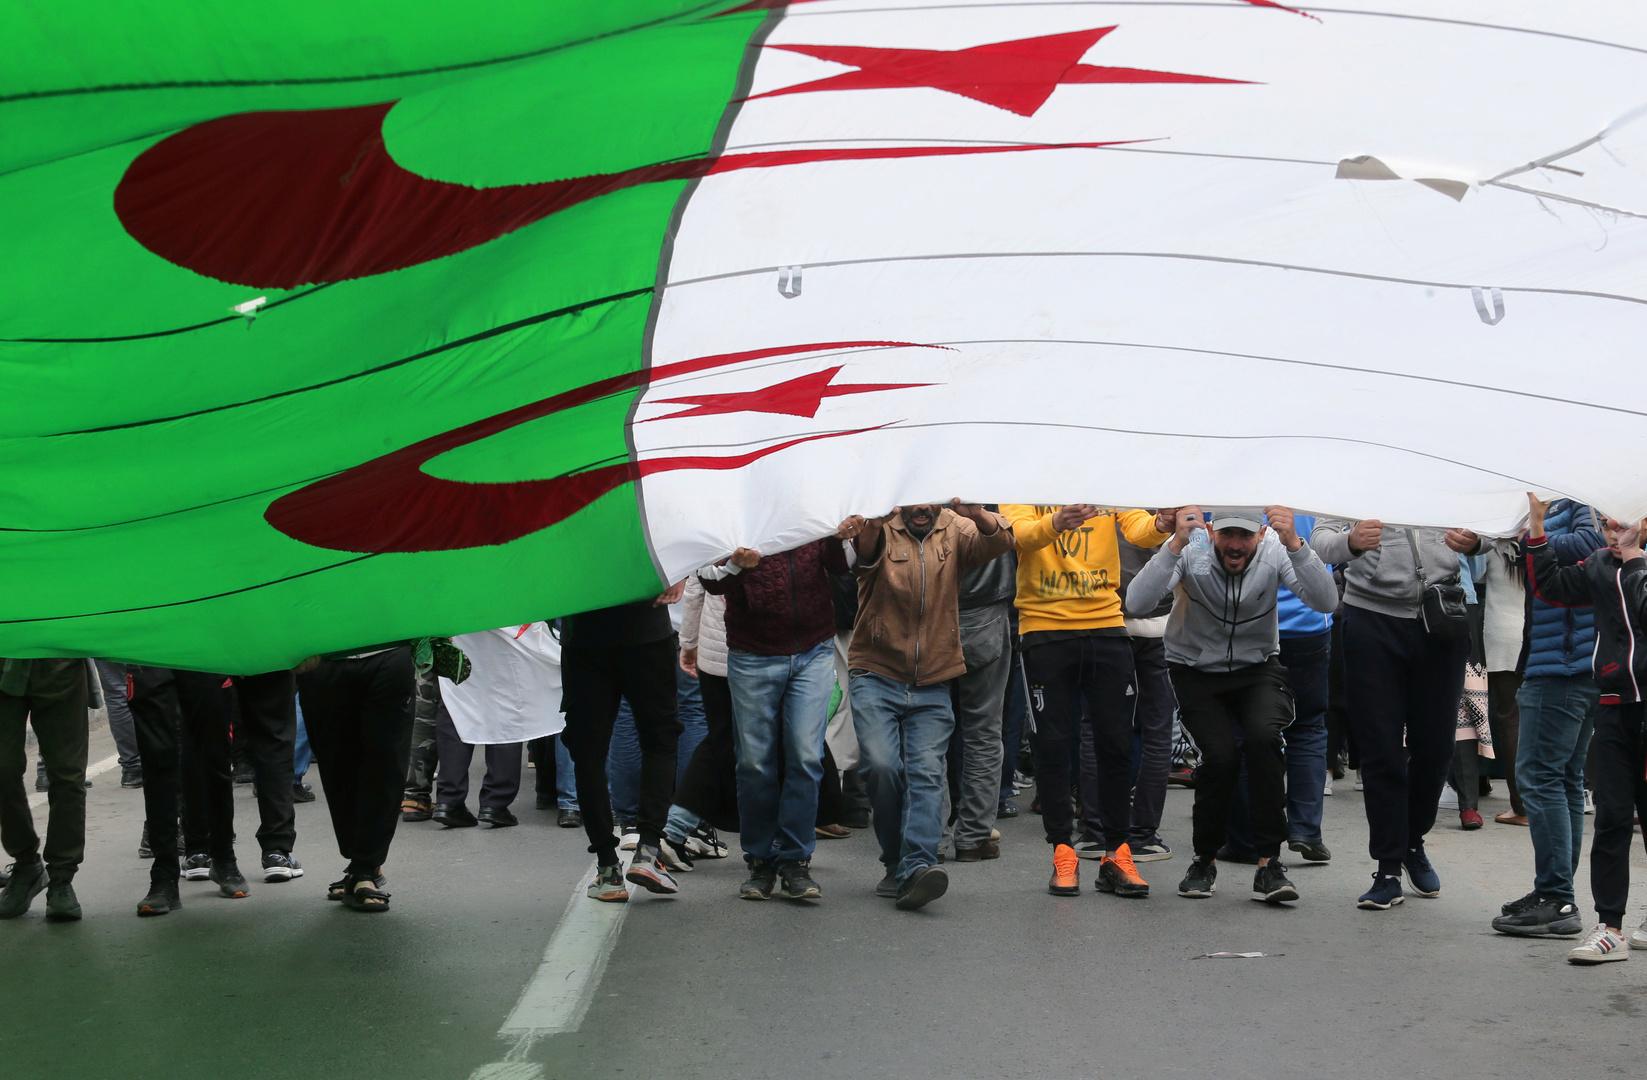 الجزائر.. الحكم بالسجن 3 سنوات على مدون من مؤيدي الحراك